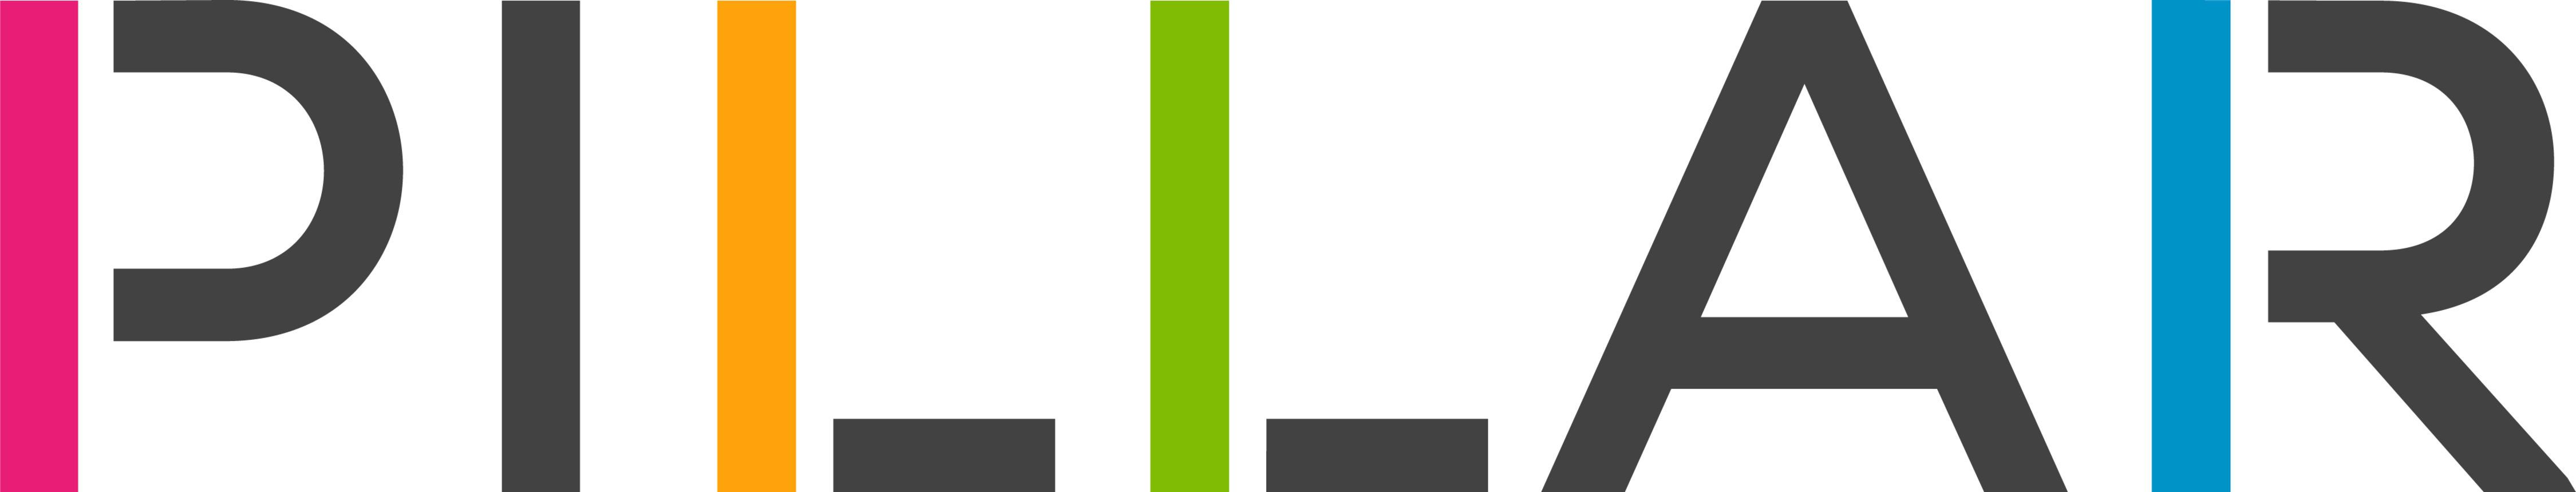 Logo - Coloured - Pillar